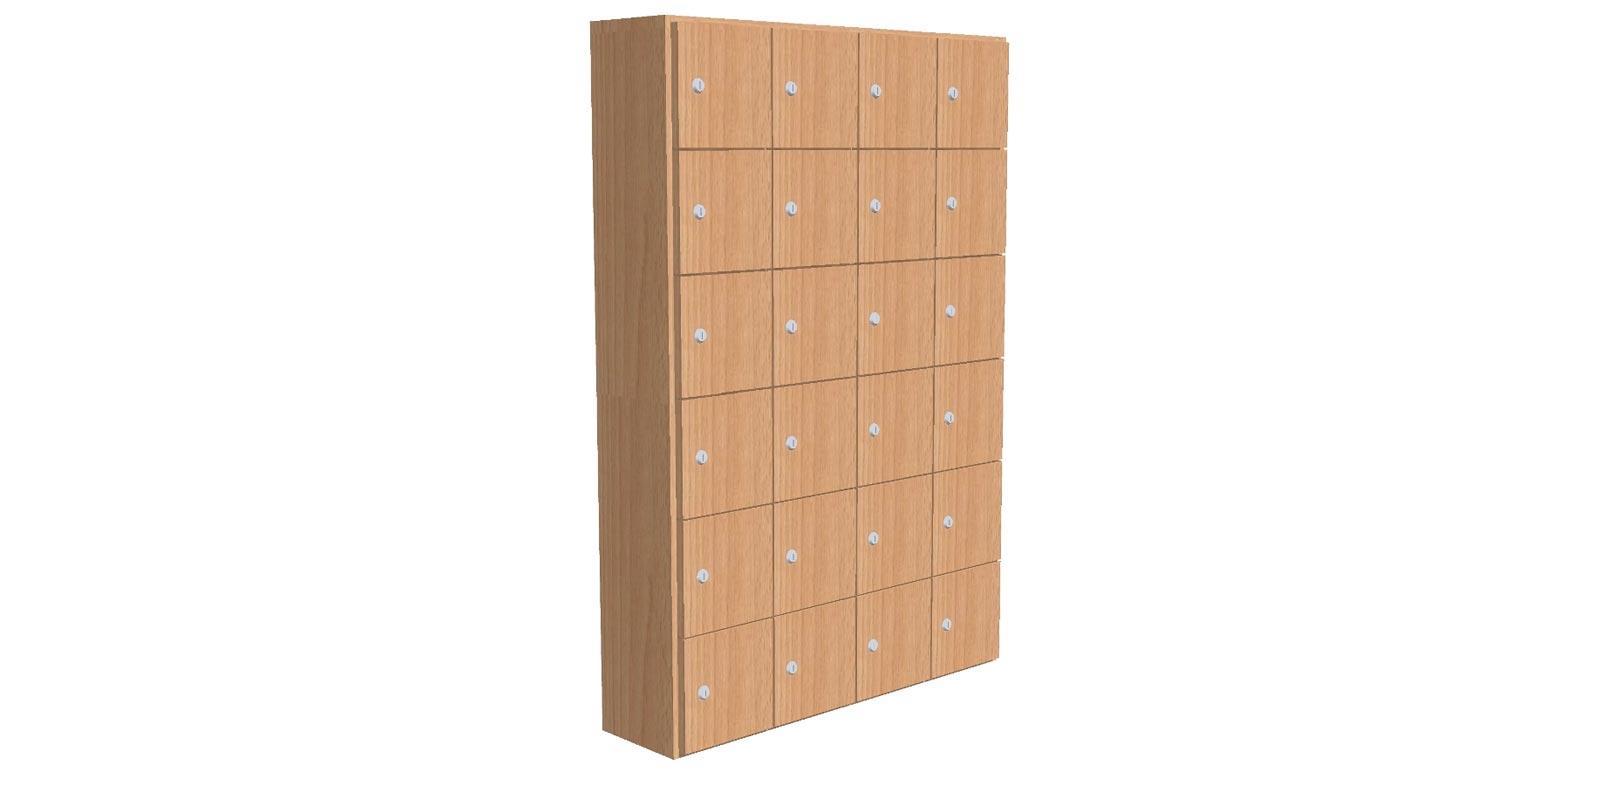 Lockerkast voorzien van 24 mini lockers - WHML02